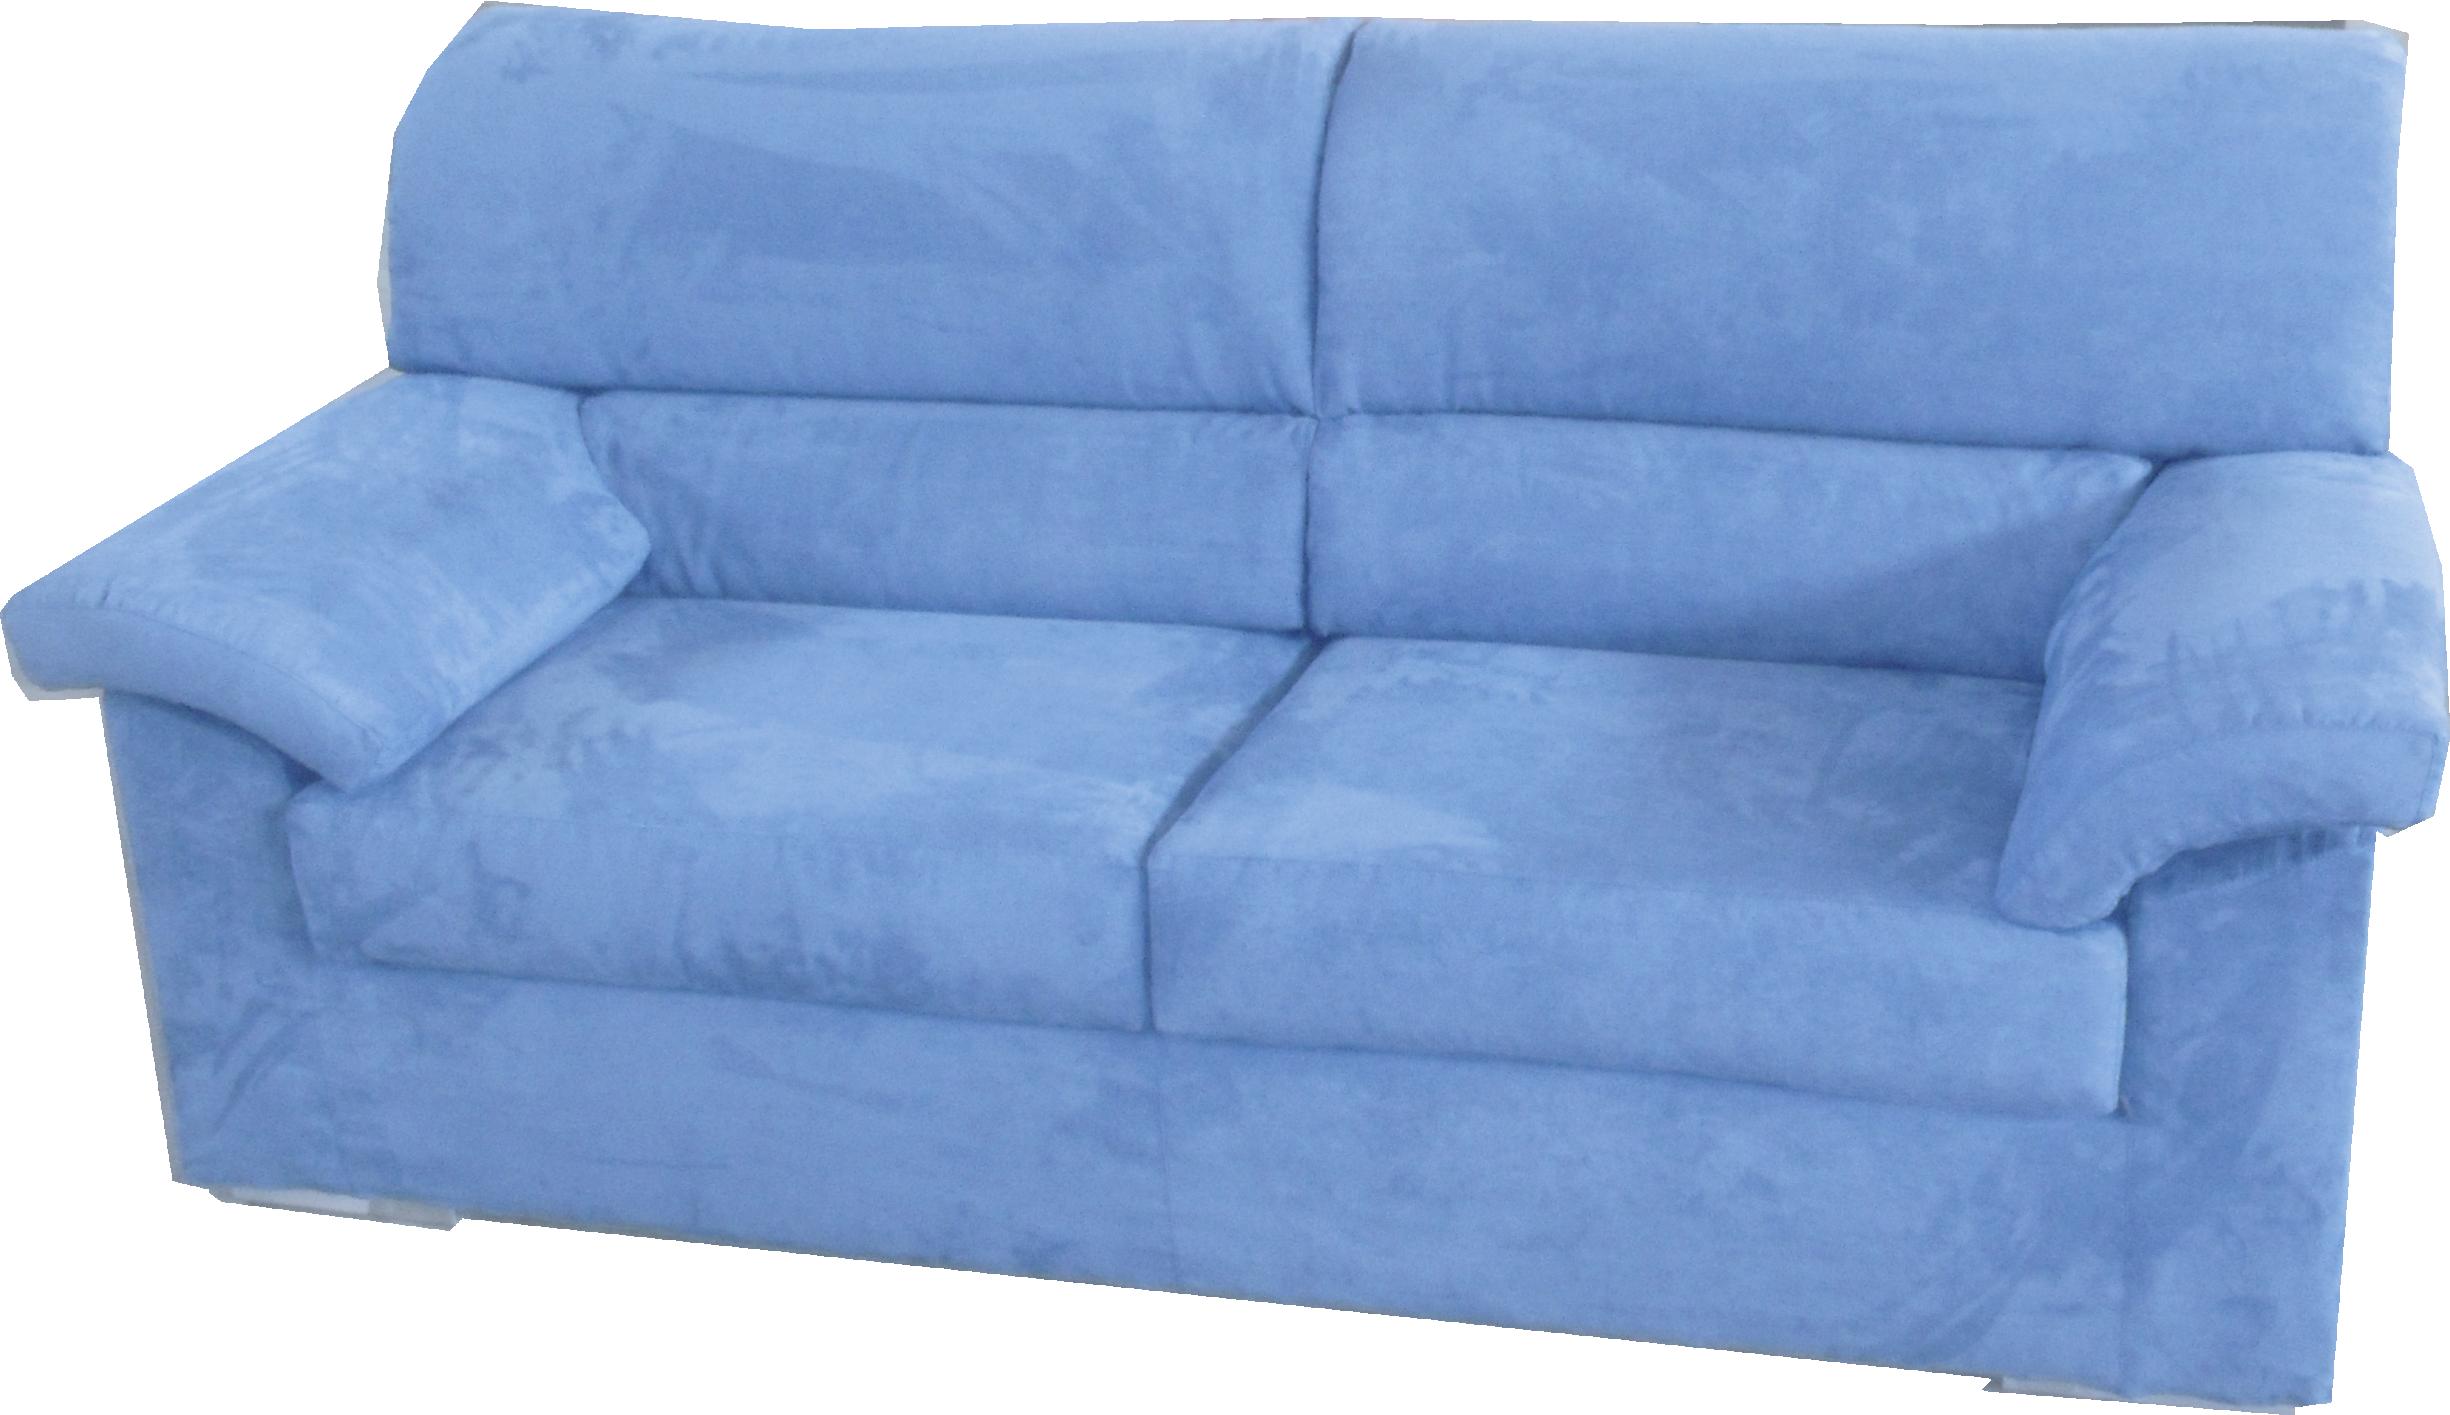 Divano letto migliore - Miglior divano letto per uso quotidiano ...